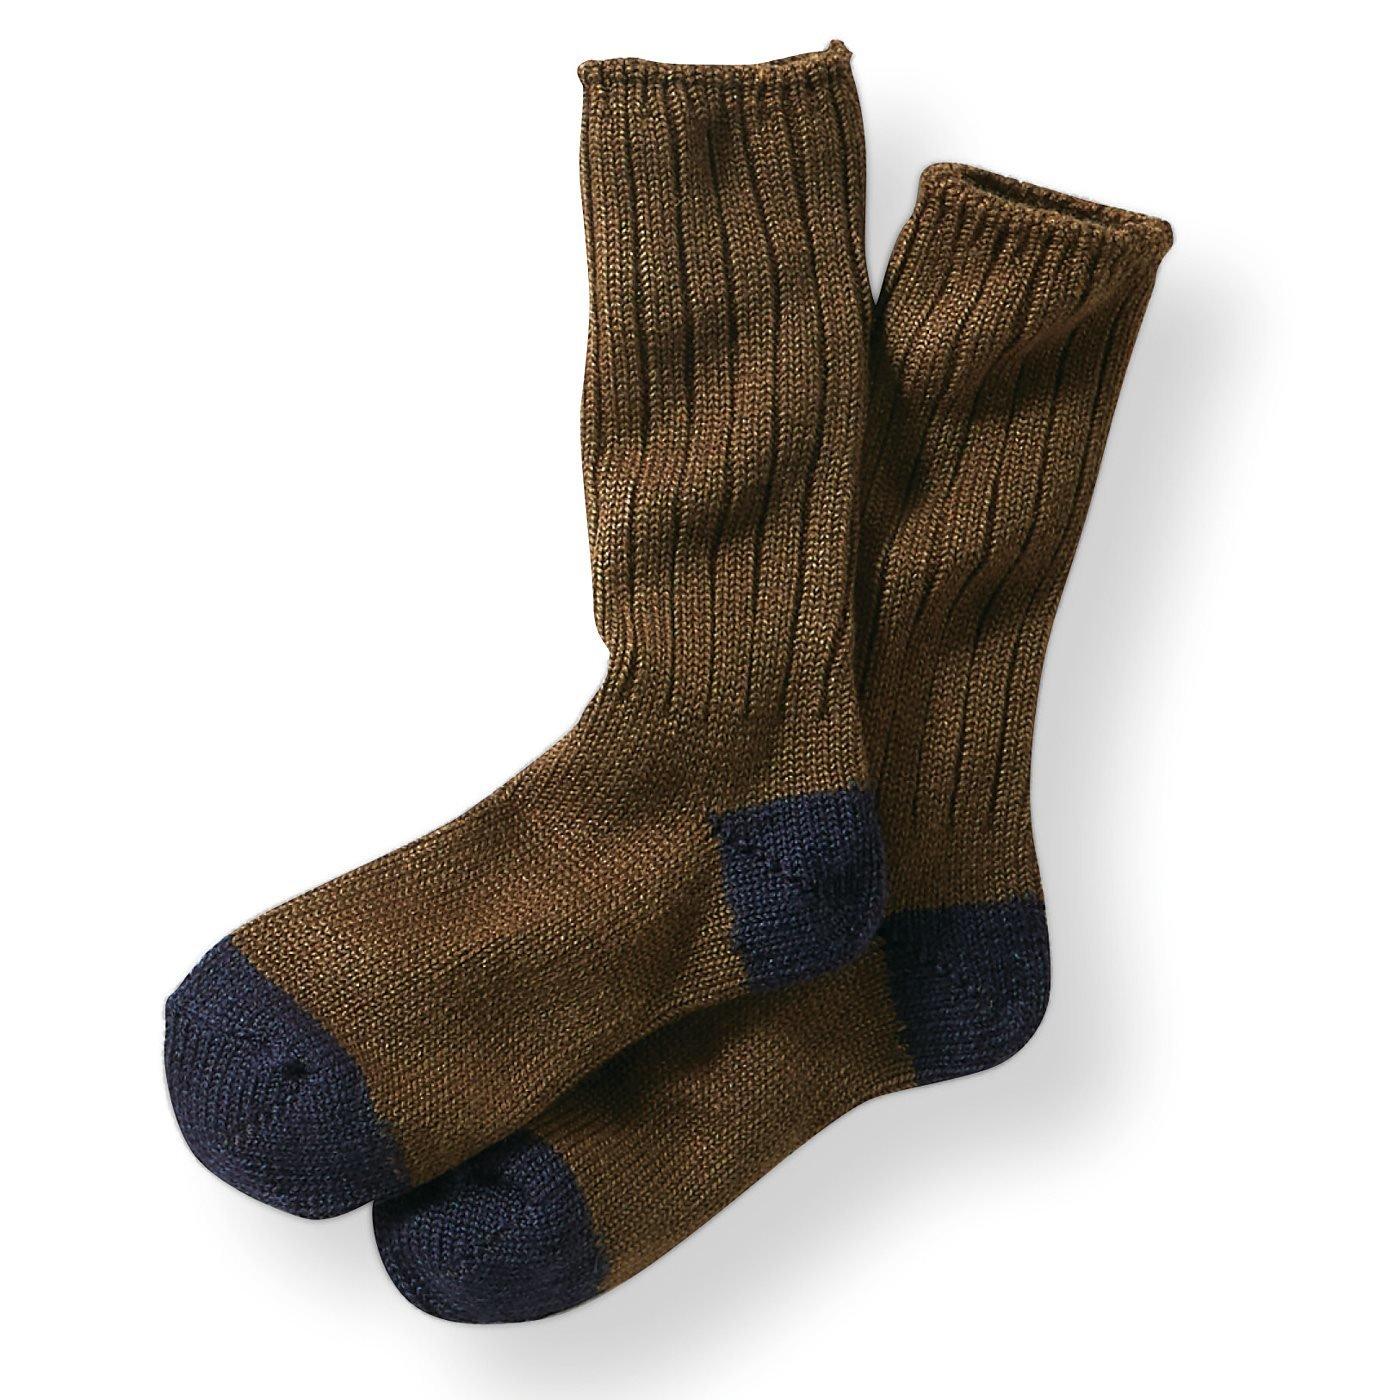 古着屋さんで見つけたようなウール混ざっくり靴下〈ブラウン〉